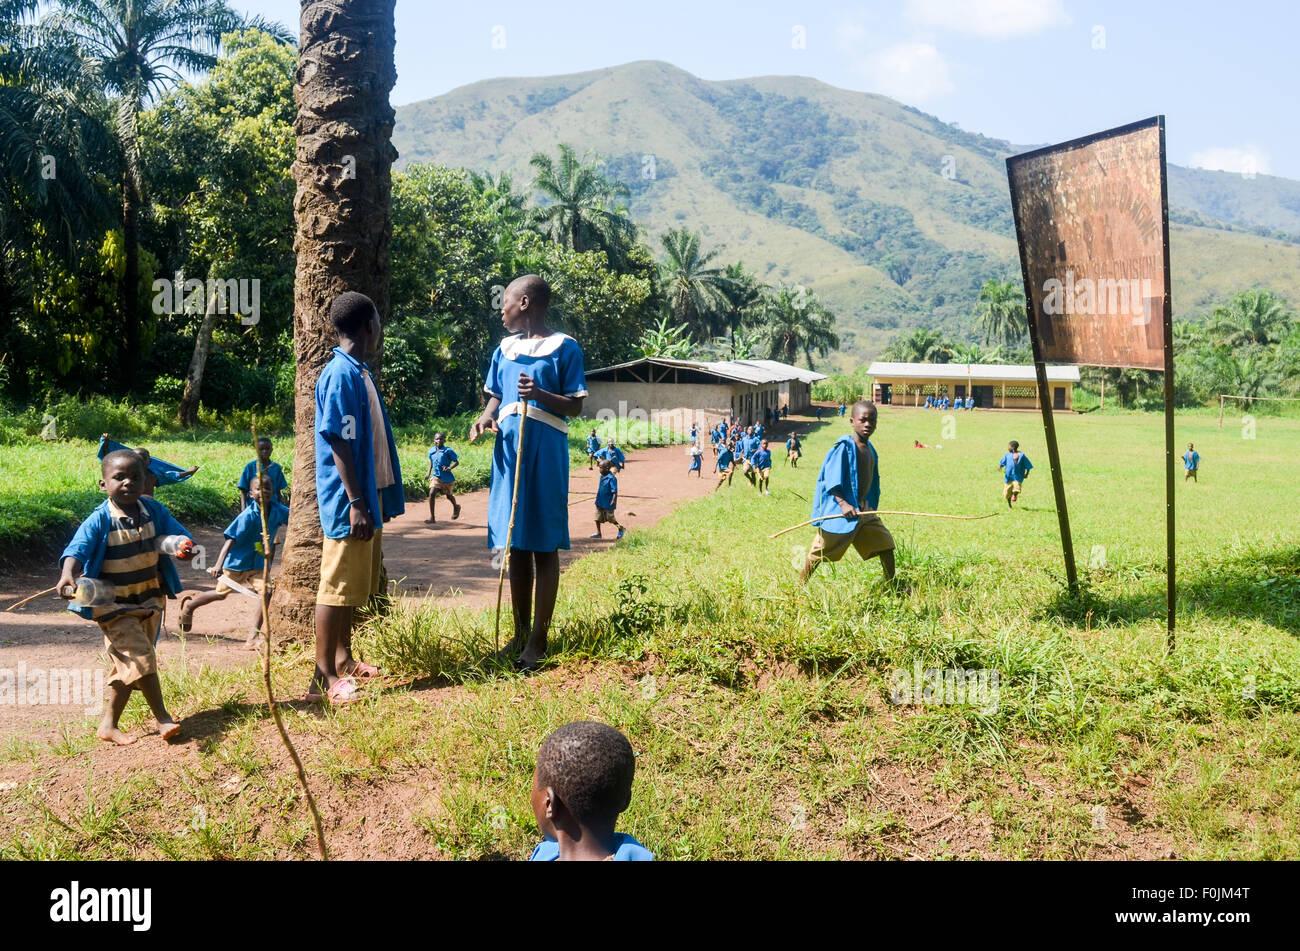 School children in uniform at a rural school in Cameroon - Stock Image